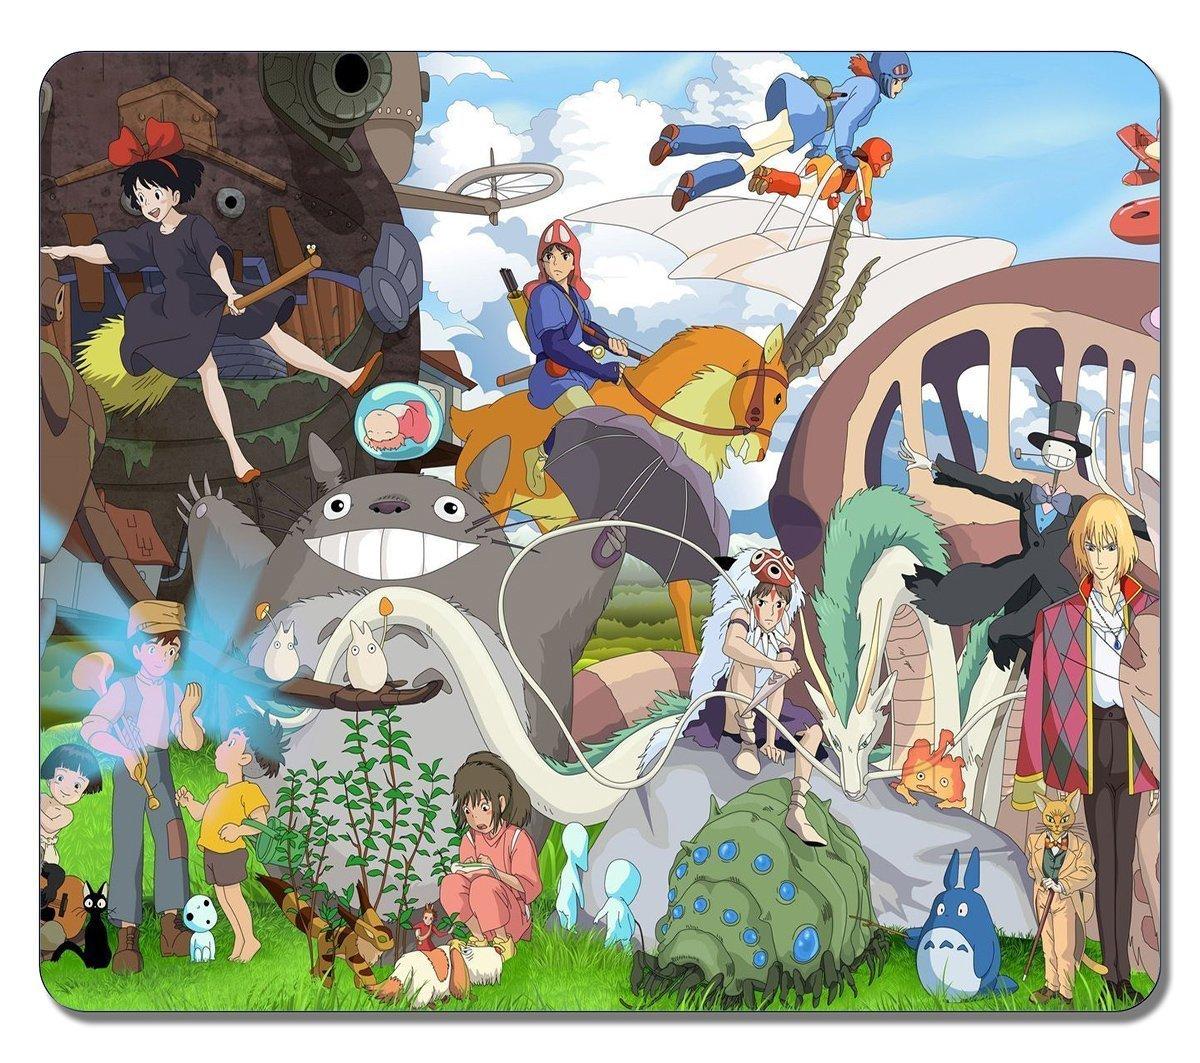 Di alta qualità , misura grande, motivo: personaggi e Studio Ghibli 36913-Tappetino per il Mouse in gomma, Non scivoloso, per Mouse da Gaming NUNIMA